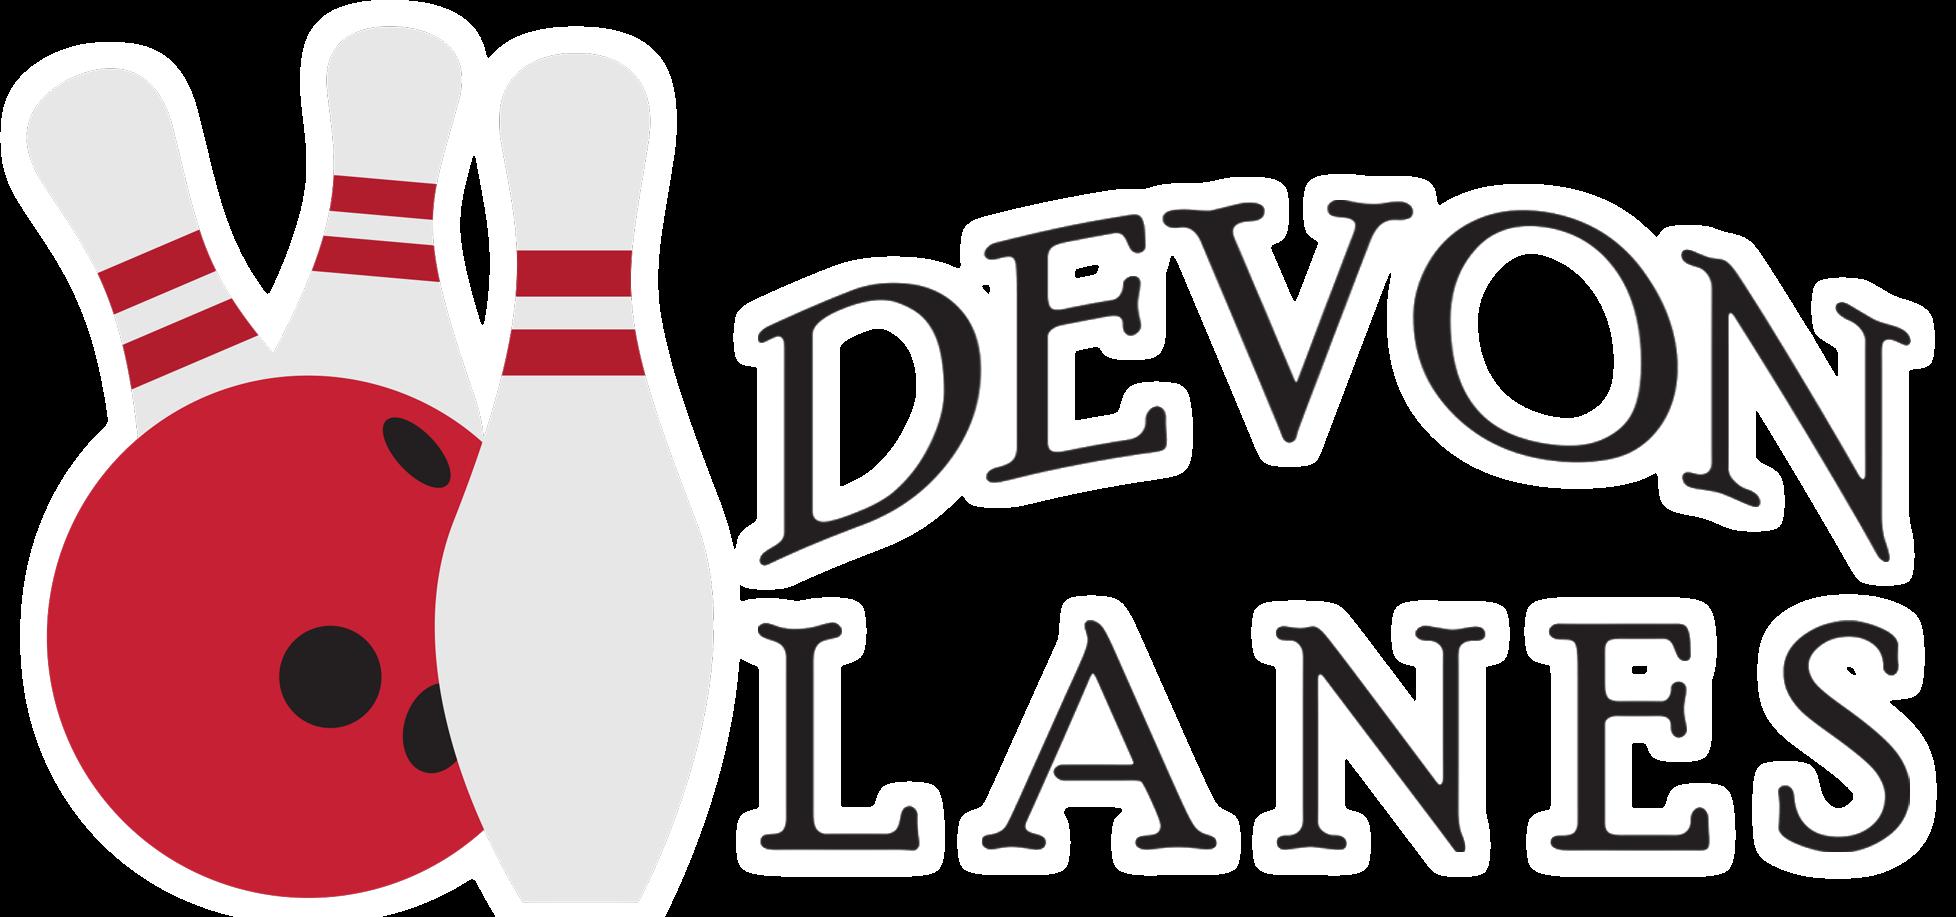 Devon Lanes | Devon PA